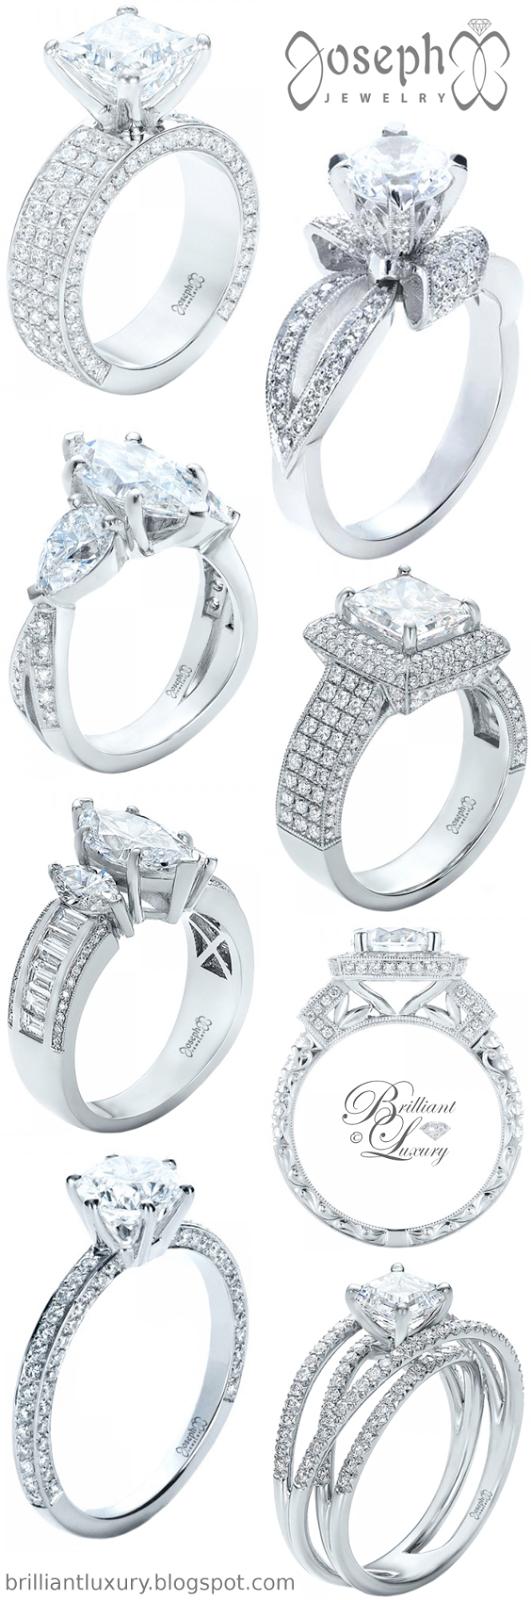 Brilliant Luxury ♦ Joseph Jewelry